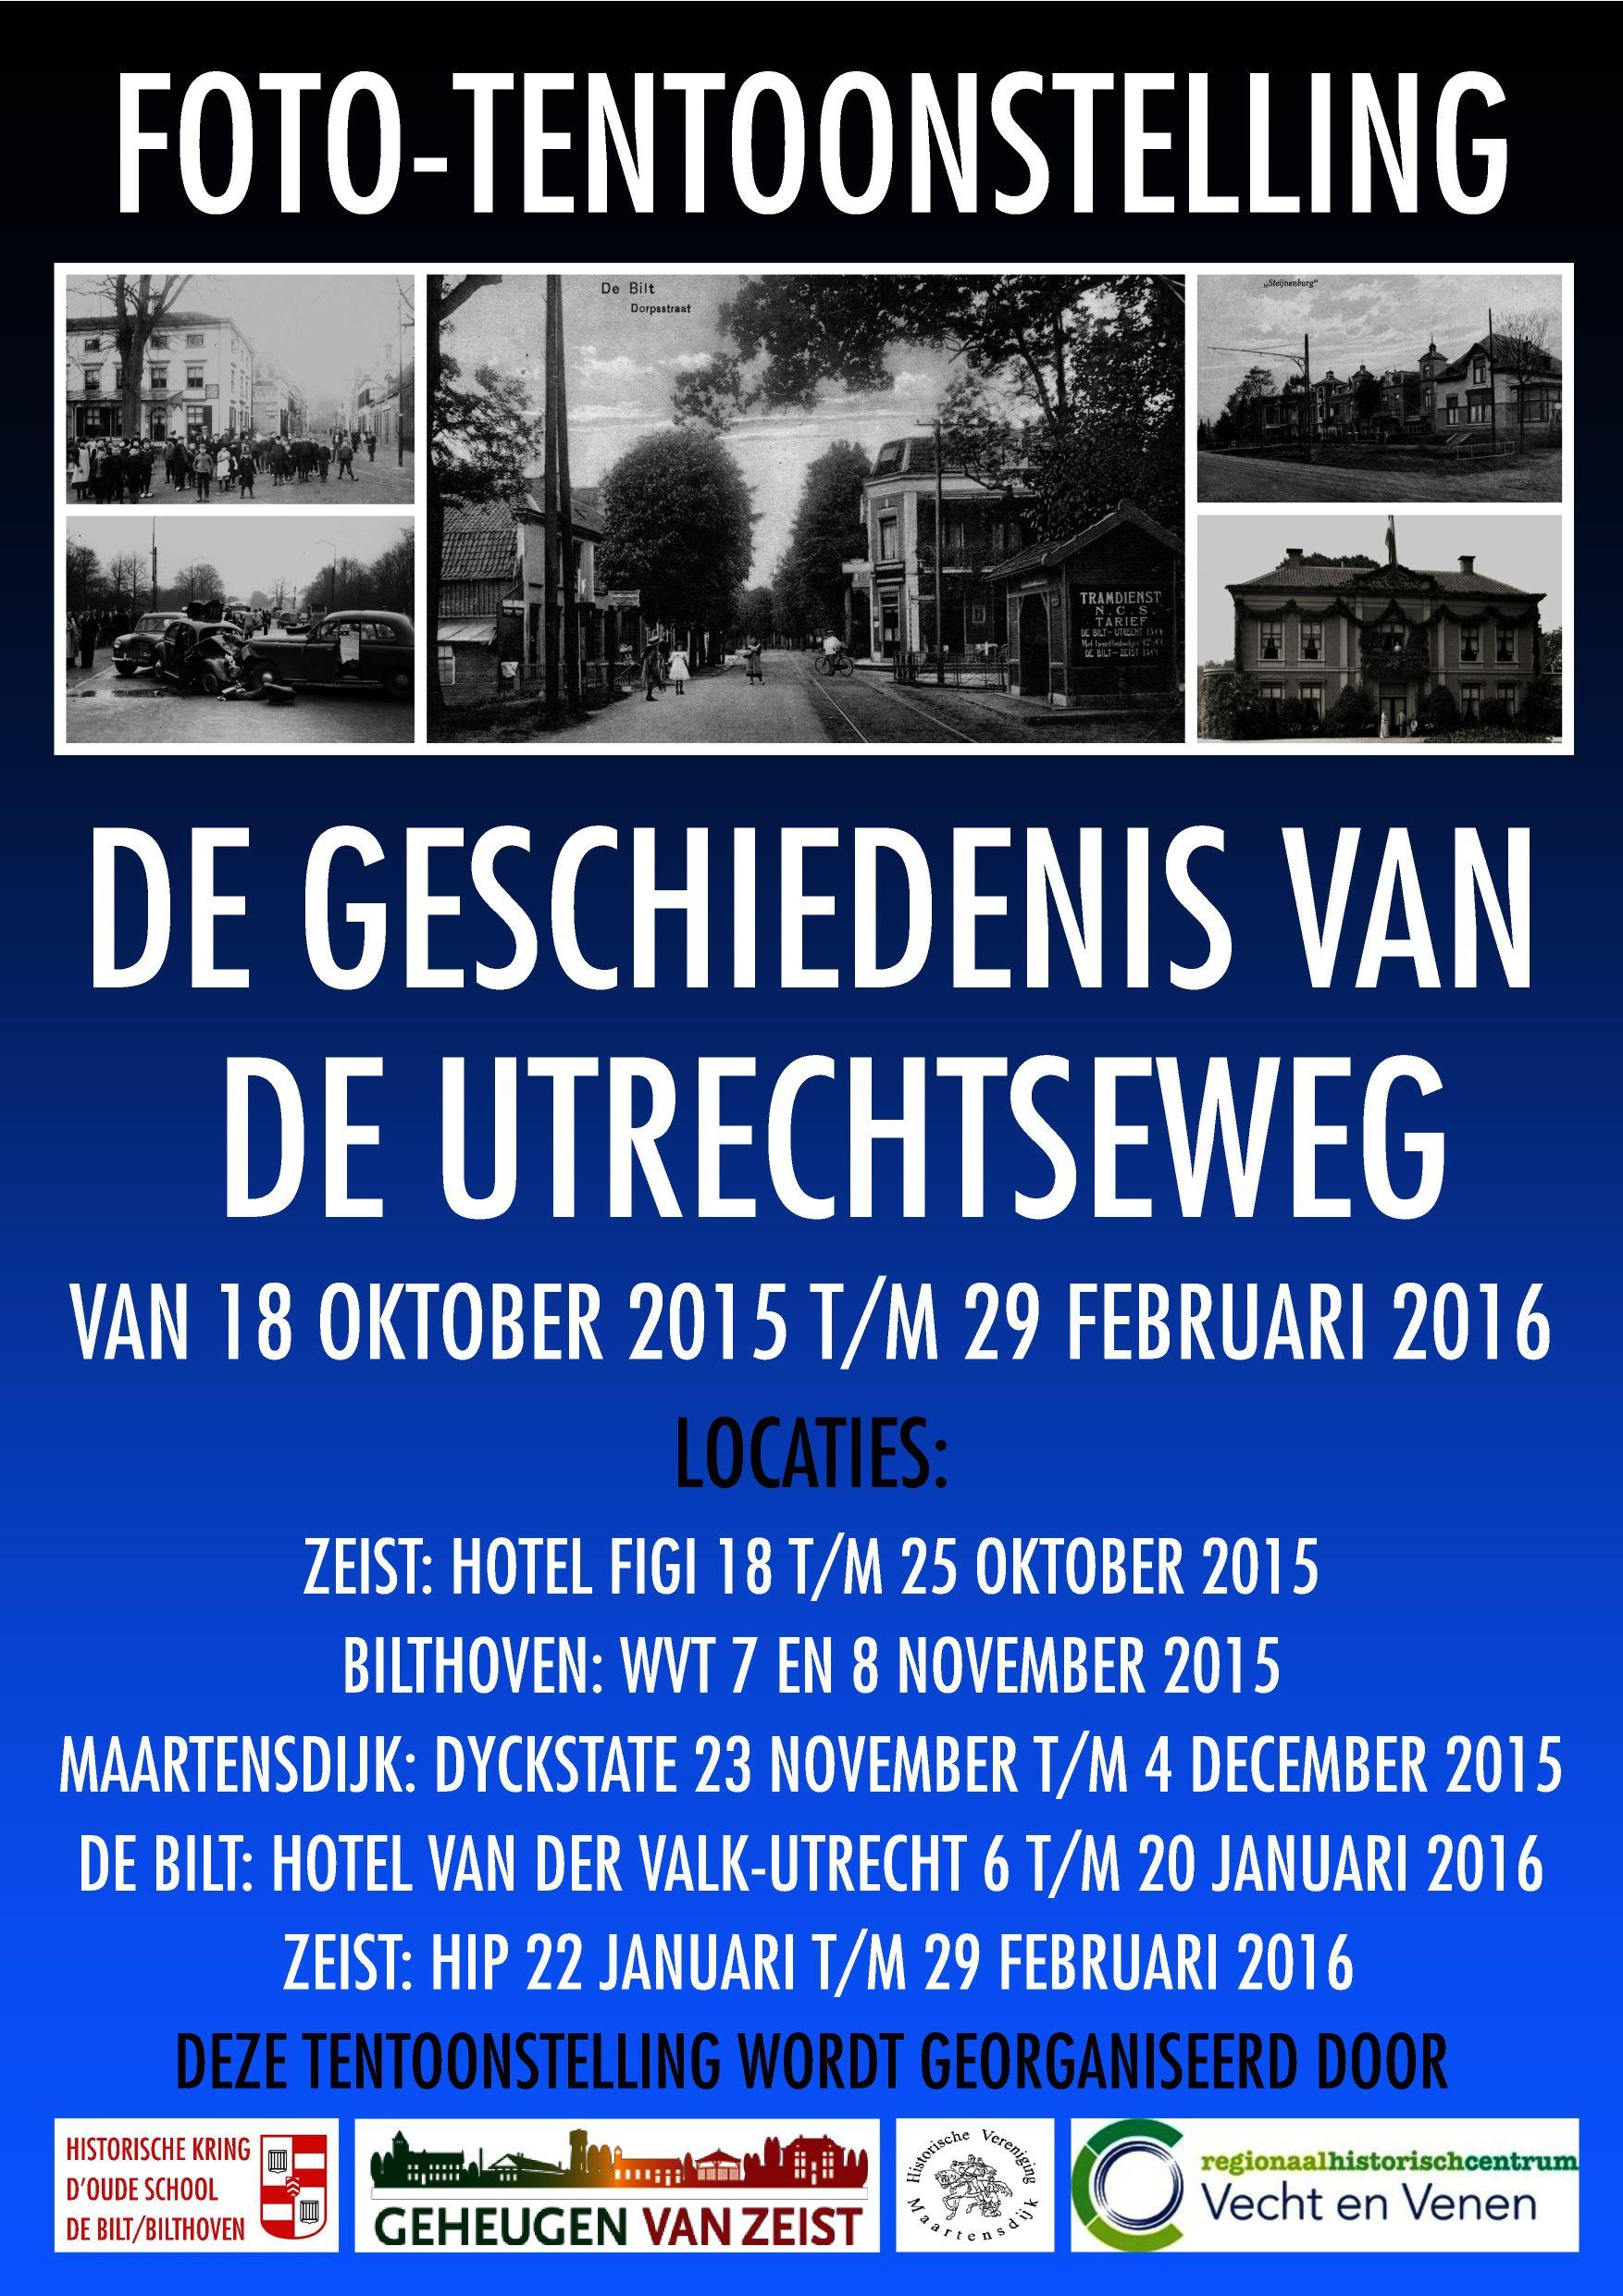 Tentoonstelling de geschiedenis van de Utrechtseweg